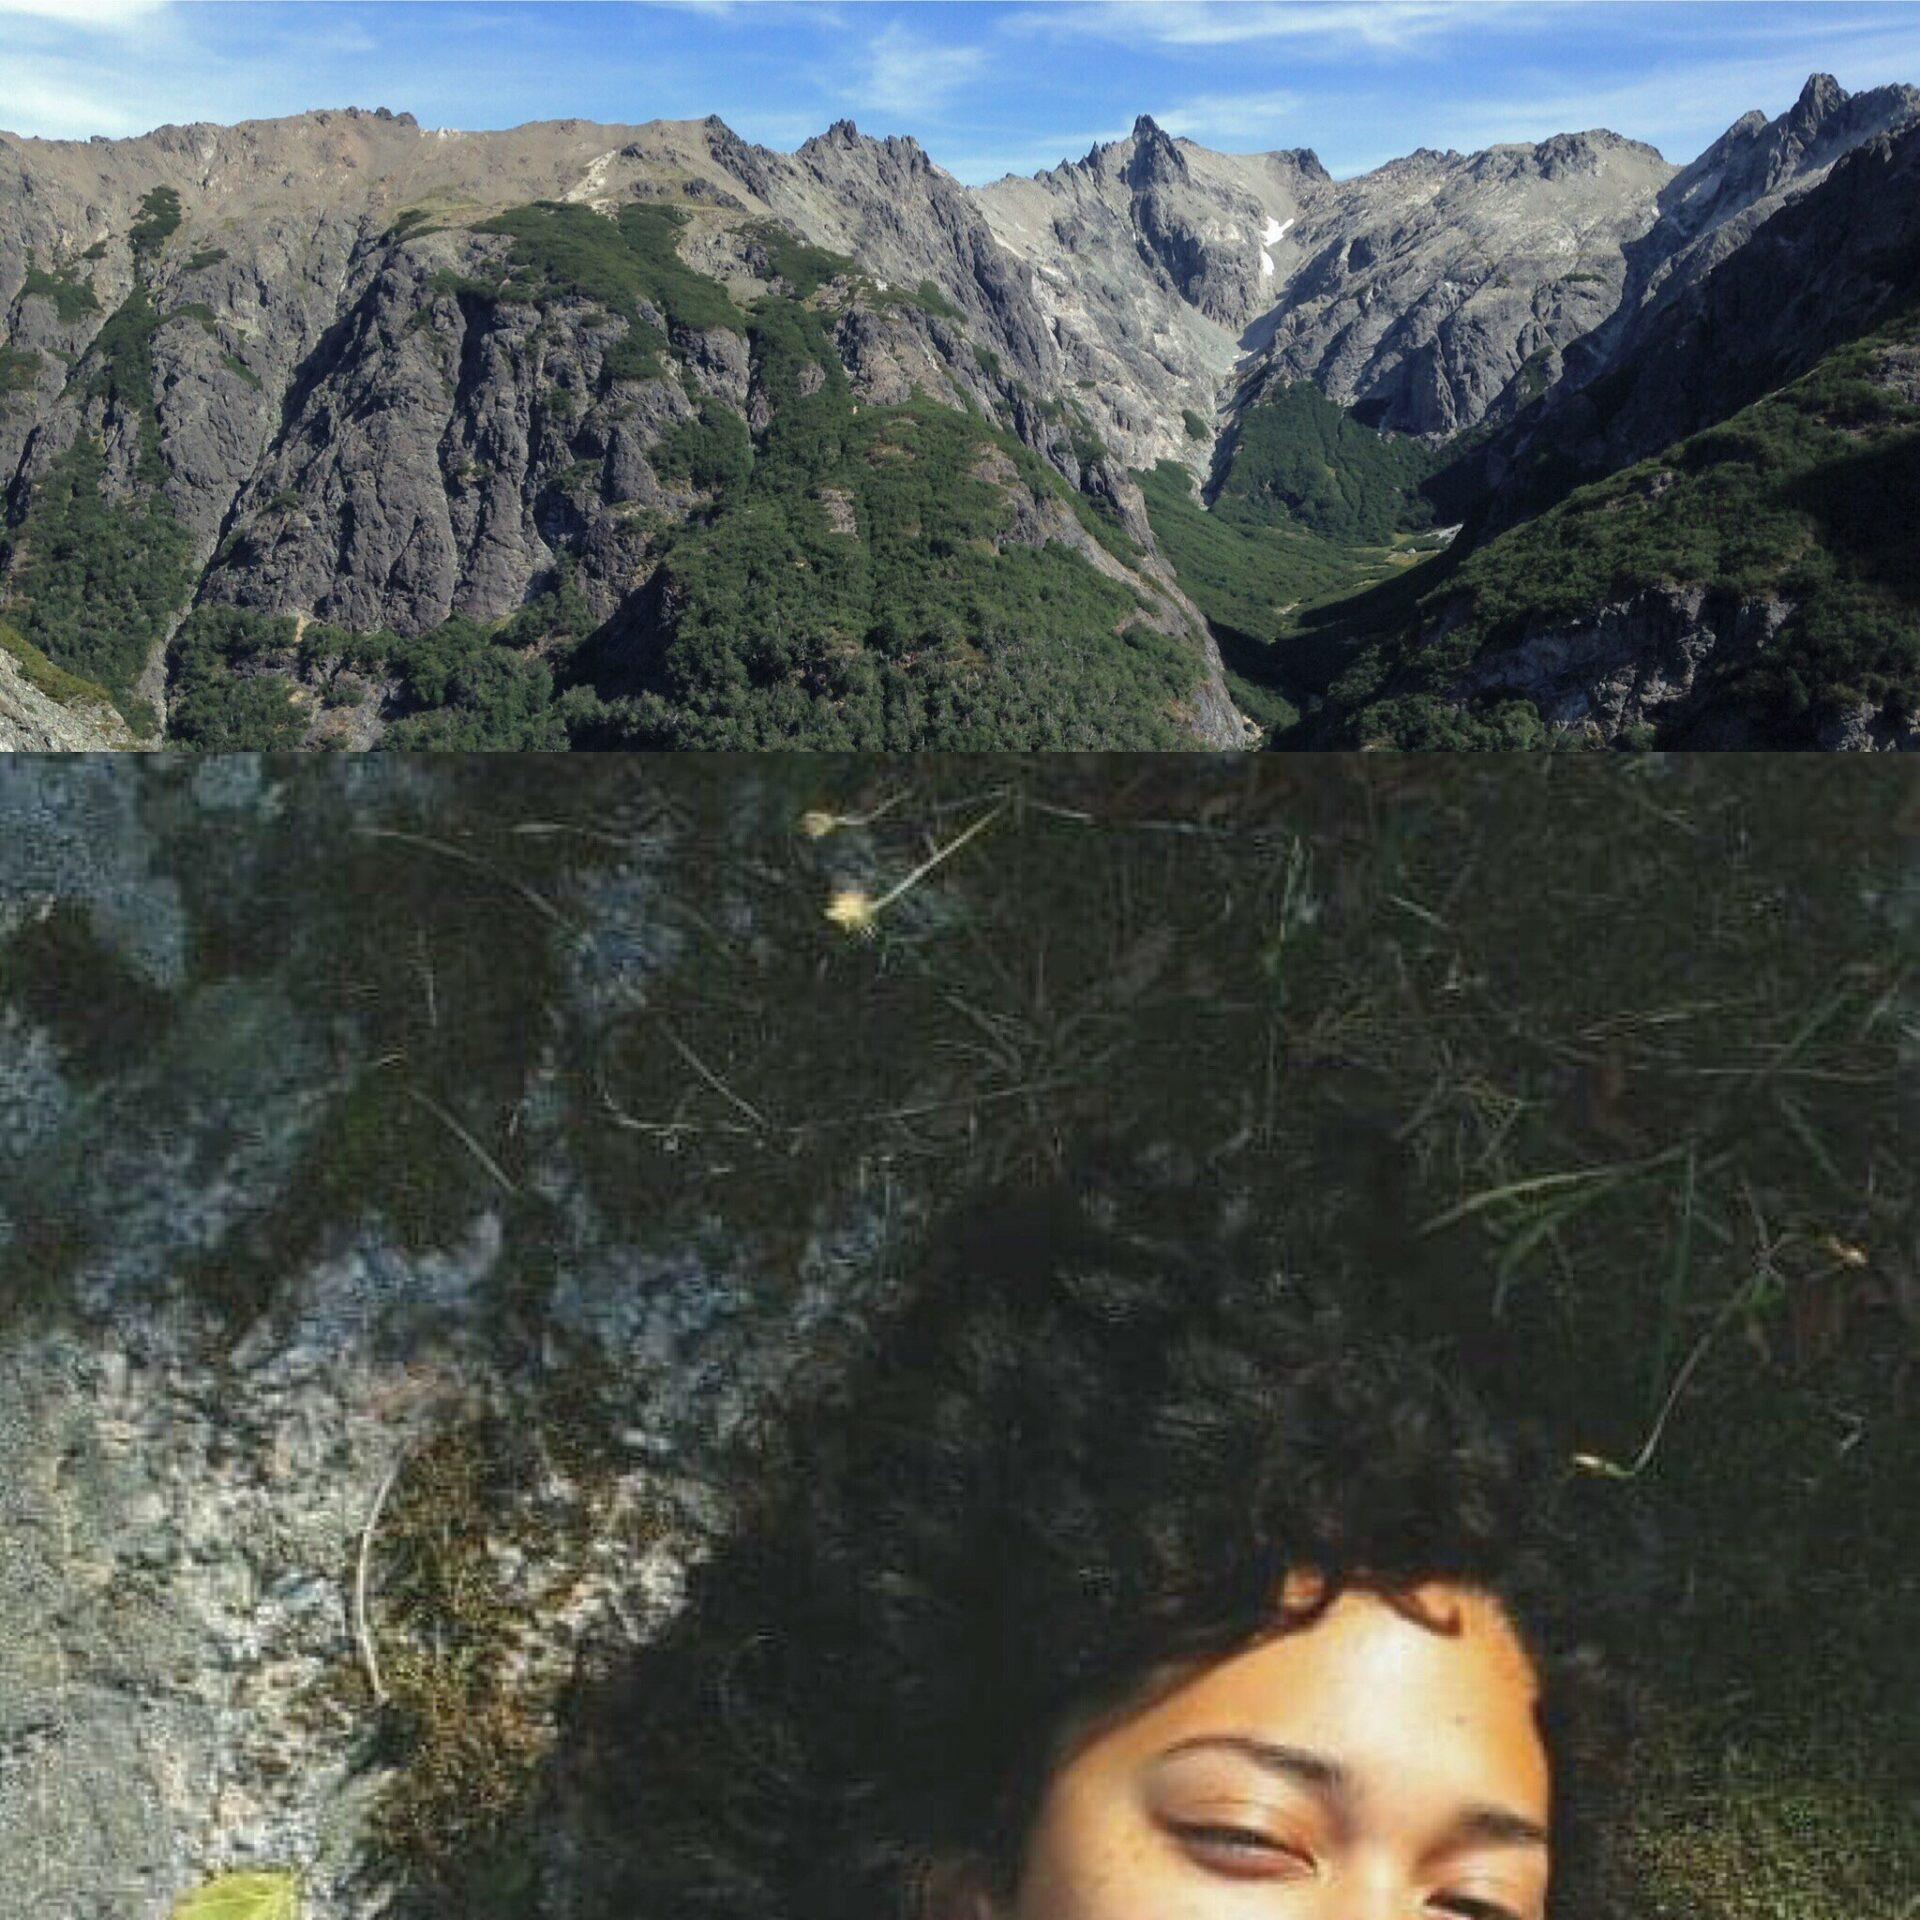 Yläpuolella: vuoria ja sininen taivas, toinen kuva: sammaleella makaava kiharatukkainen nainen.